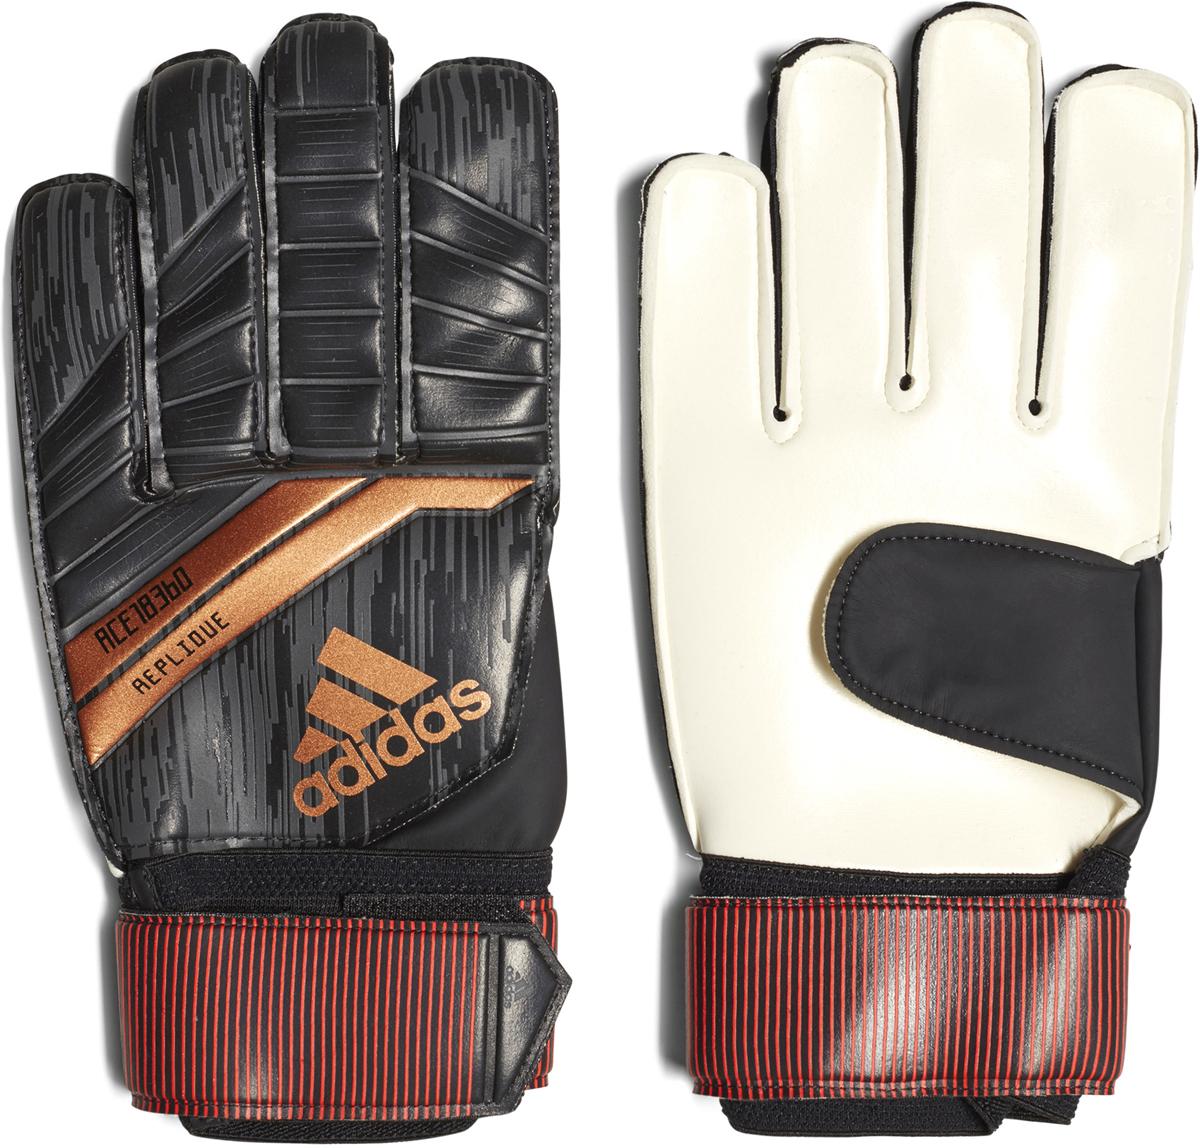 Перчатки вратарские Adidas Pre Replique, цвет: черный. Размер 8CF1363Цепкие перчатки для идеального захвата мяча. Отбивай, лови и блокируй во время каждого матча. Эти мужские футбольные перчатки созданы специально для вратарей. Практичный крой с наружными швами обеспечивает комфорт. Латексная вставка на ладони увеличивает сцепление и контакт с мячом.Мягкое покрытие Soft Grip Pro из латекса на ладонях обеспечивает хорошее сцепление, амортизацию и надежность при любых погодных условиях. Благодаря специальному крою positive cut с наружными швами перчатки комфортно сидят на руках и отлично подходят футболистам с более широкими ладонями. Эластичный манжет для идеальной посадки и поддержки запястья. Ремешок вокруг запястья для точной подгонки по размеру. 83% ЭВА / 15% пенополиэтилен / 2% другие материалы.